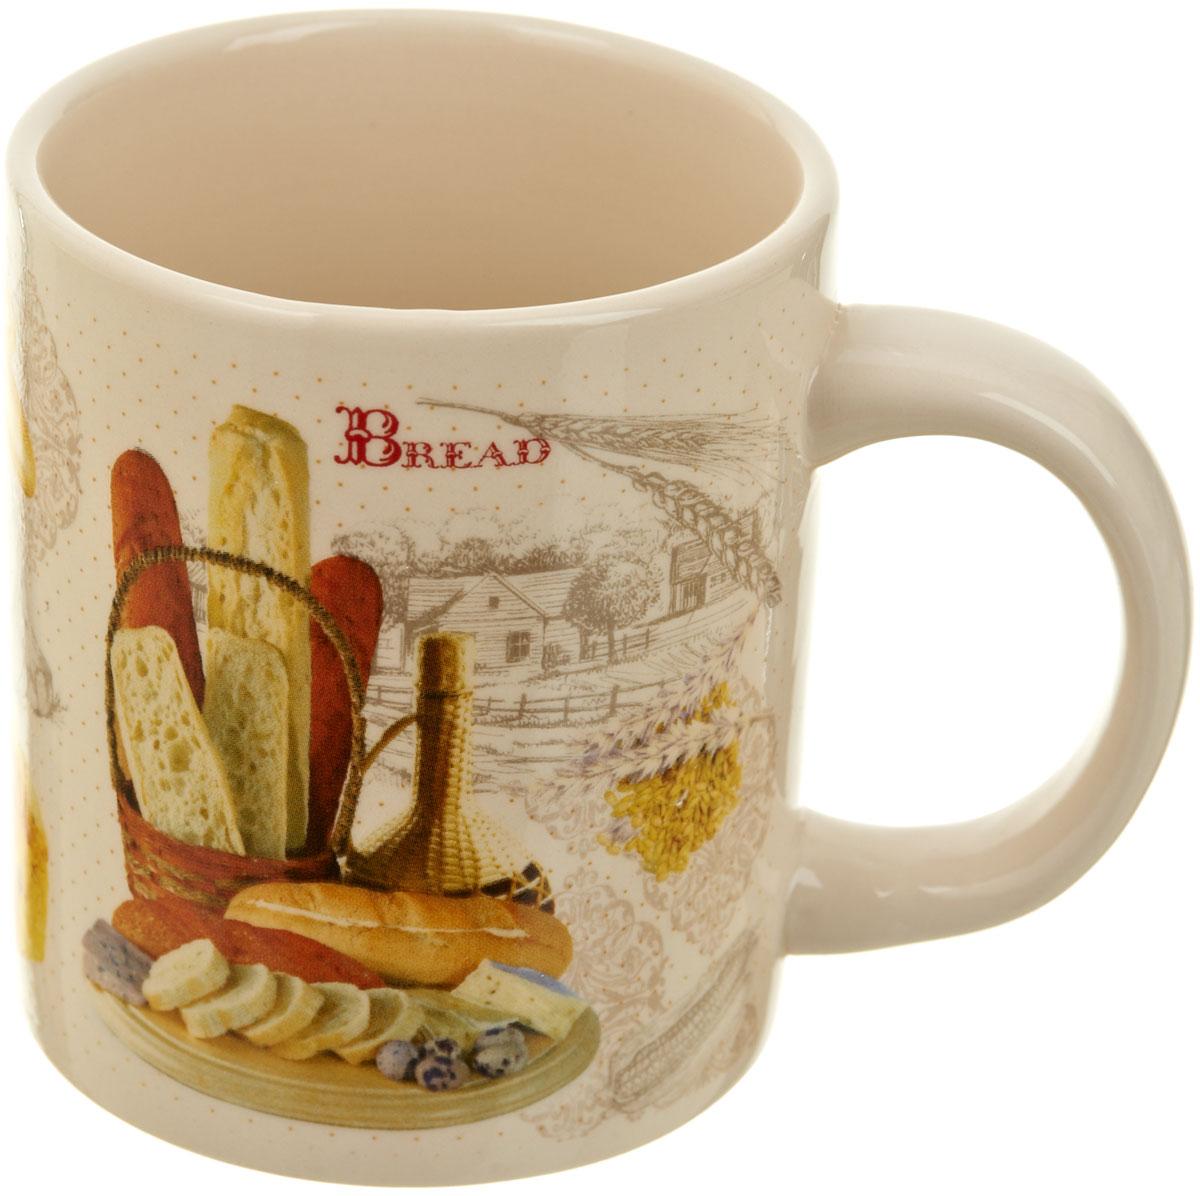 Кружка Polystar Хлеб, 300 млL1581898Кружка Хлеб, выполненная из высококачественной керамики, украшена рисунком. Изделие оснащено удобной ручкой. Кружка сочетает в себе оригинальный дизайн и функциональность. Благодаря такой кружке пить напитки будет еще вкуснее.